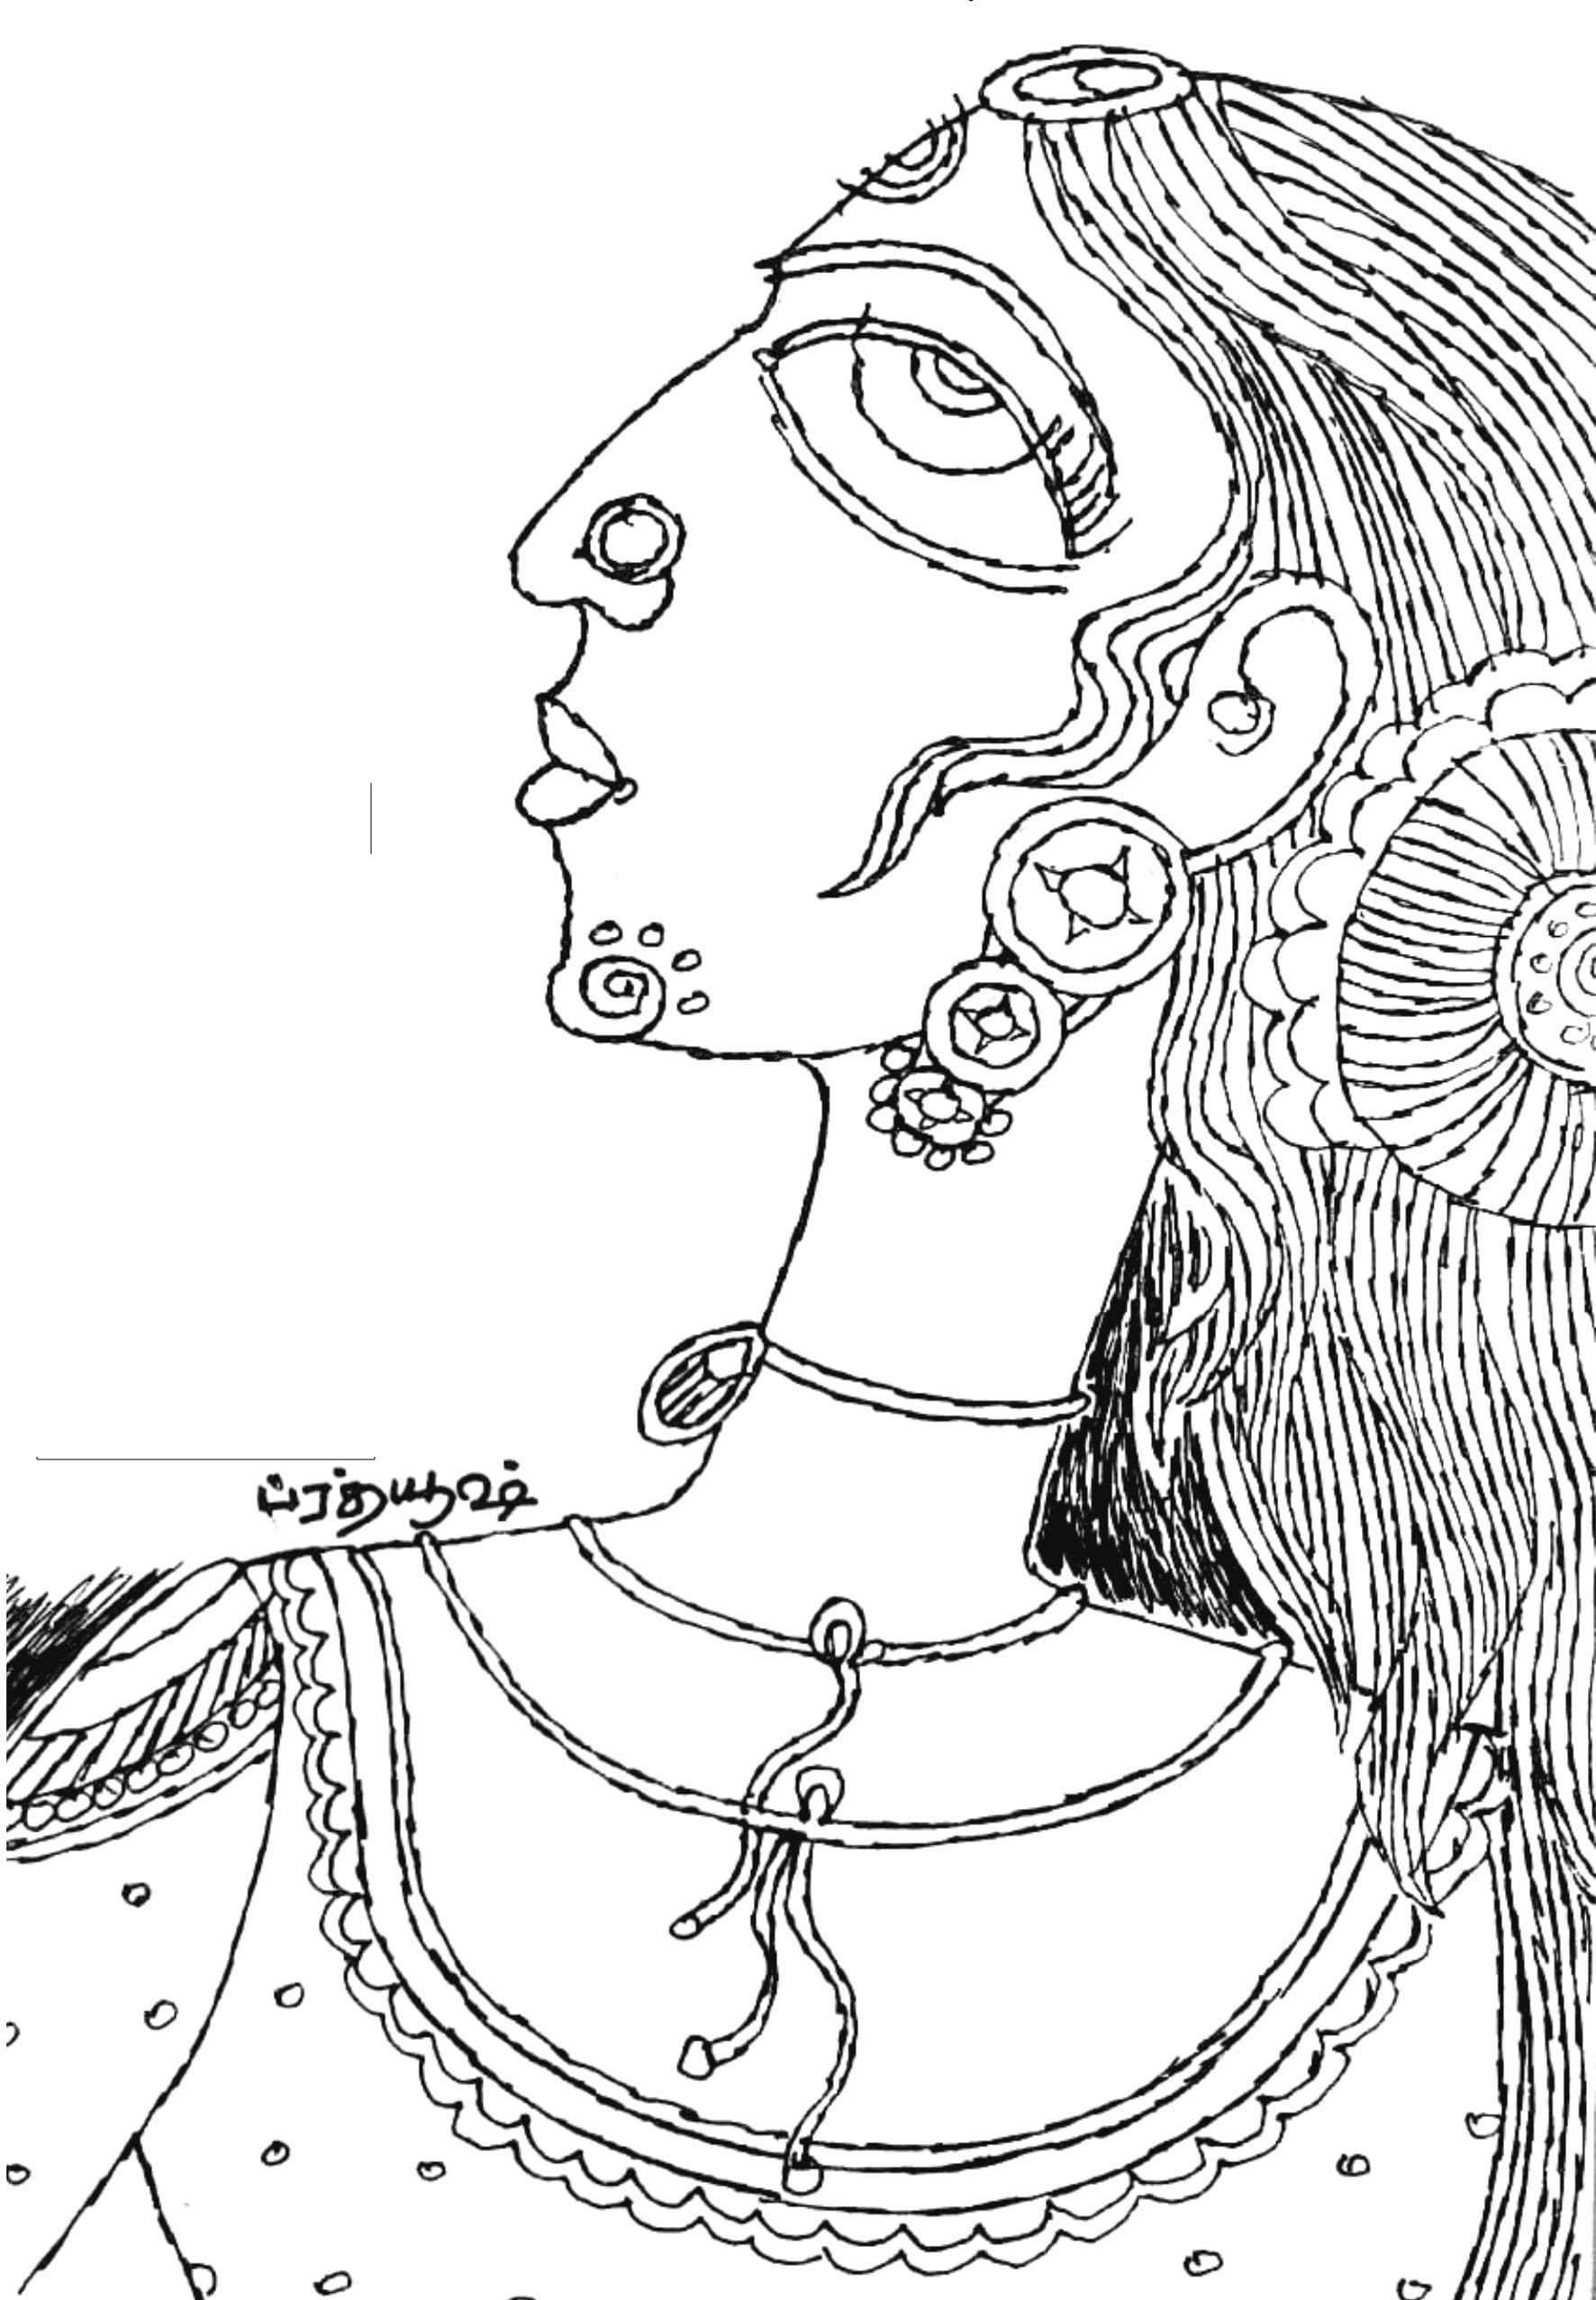 மண்டோதரி